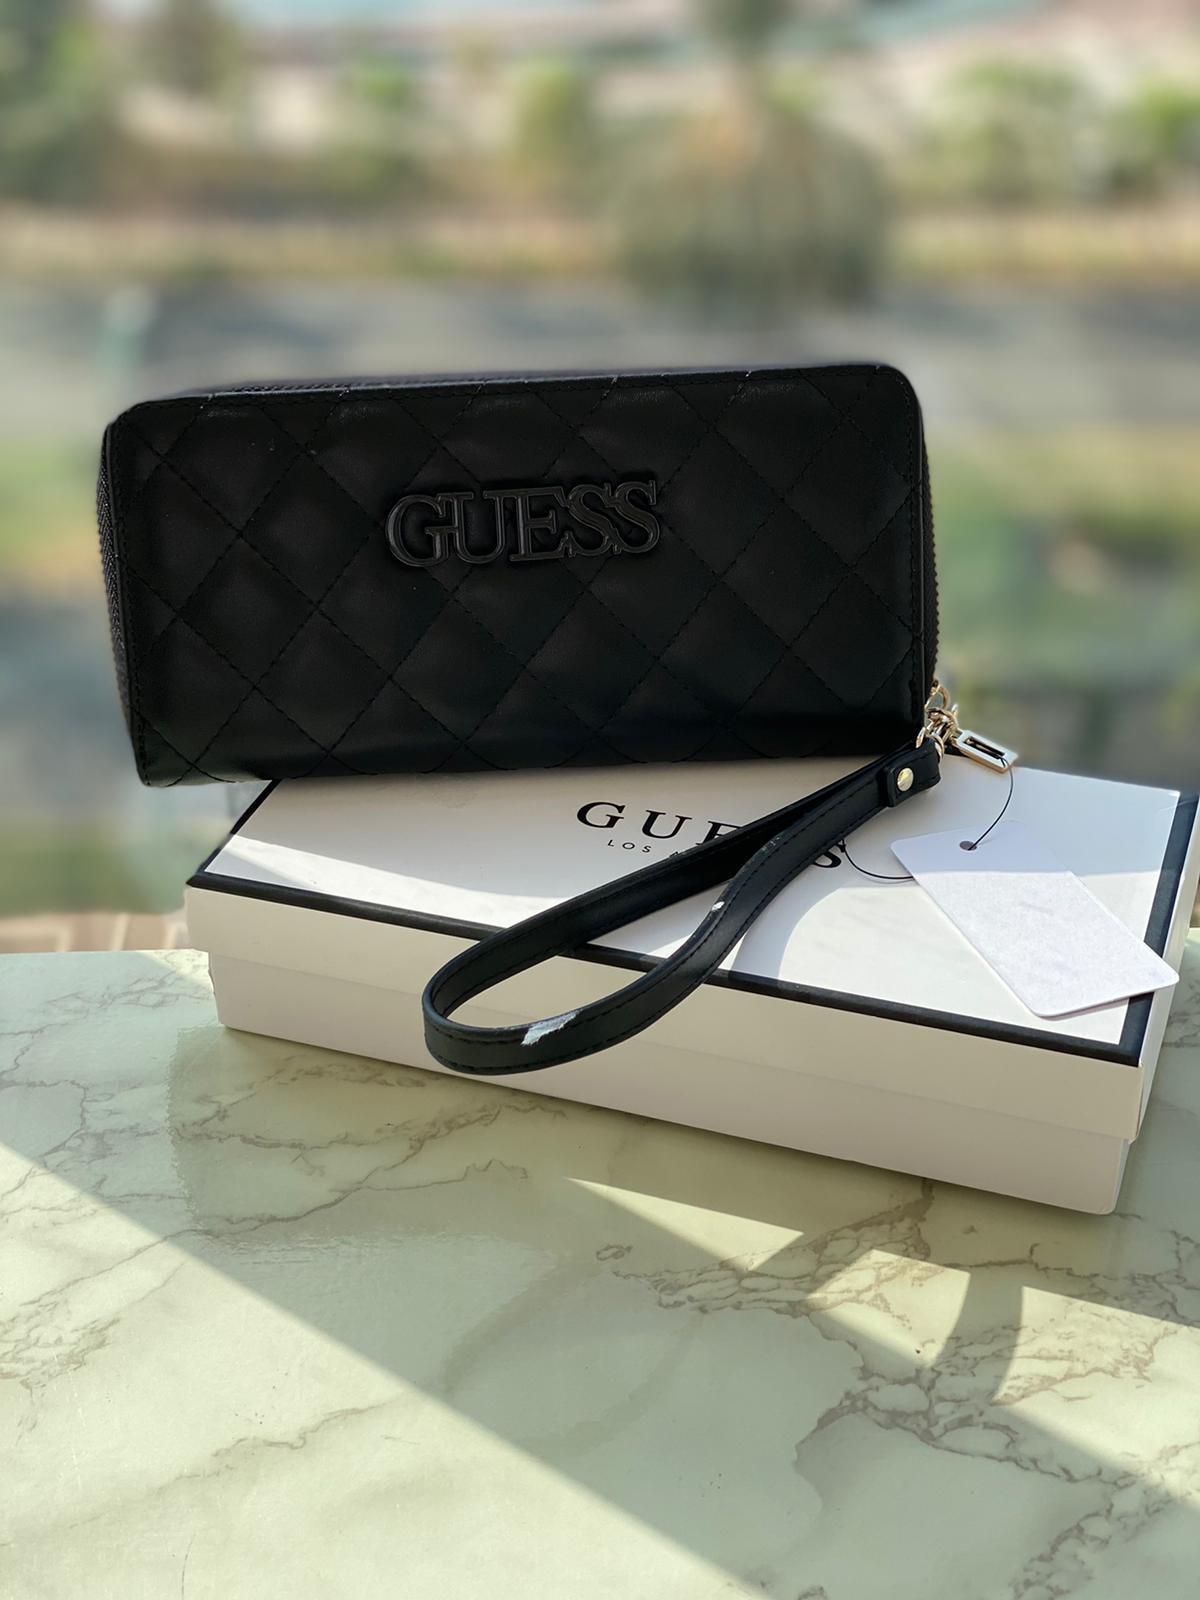 ארנק גס בינוני שחור כולל קופסא